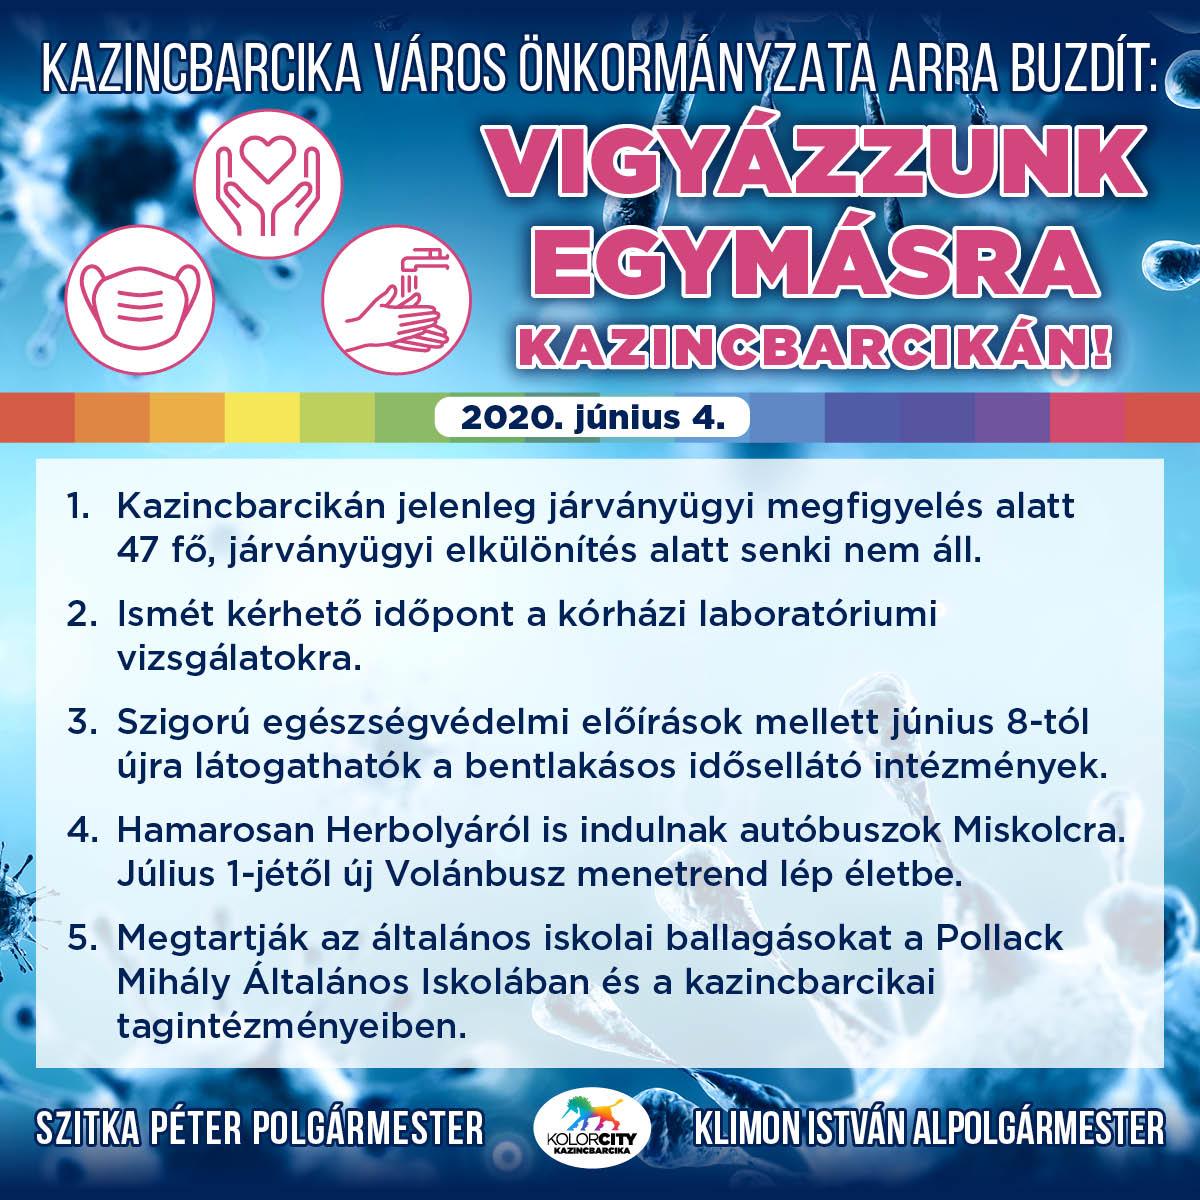 https://kolorline.hu/Vigyázzunk egymásra Kazincbarcikán! – 2020. június 4.